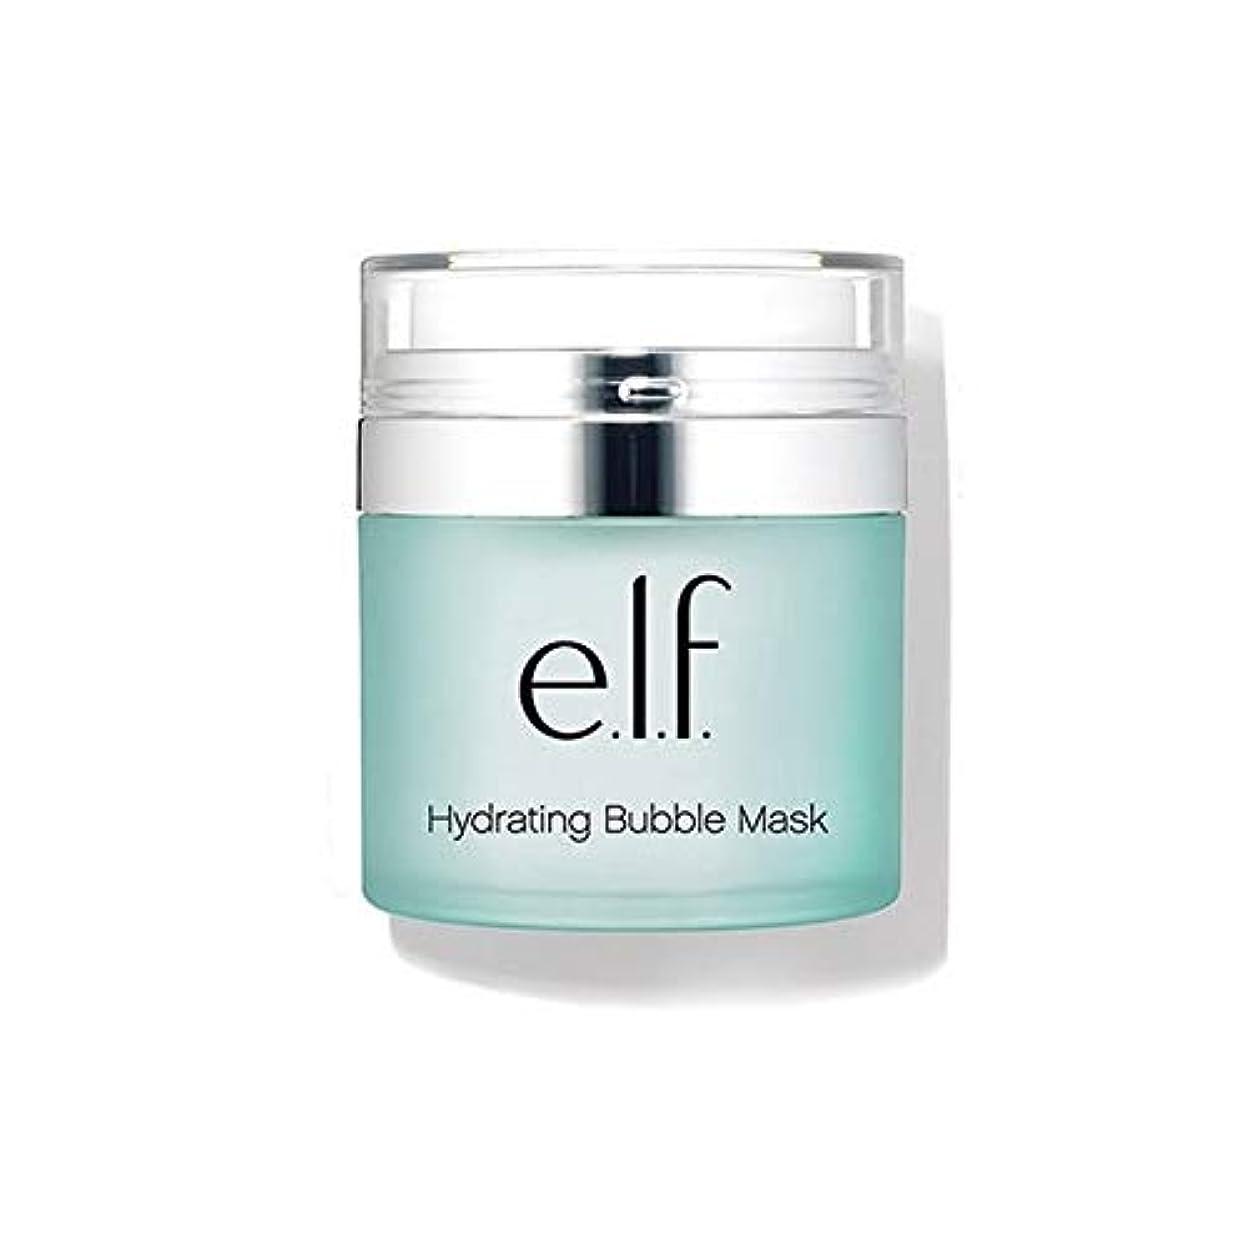 前奏曲ビジター不一致[Elf] エルフ。水和バブルフェイスマスク50グラム - e.l.f. Hydrating Bubble Face Mask 50g [並行輸入品]